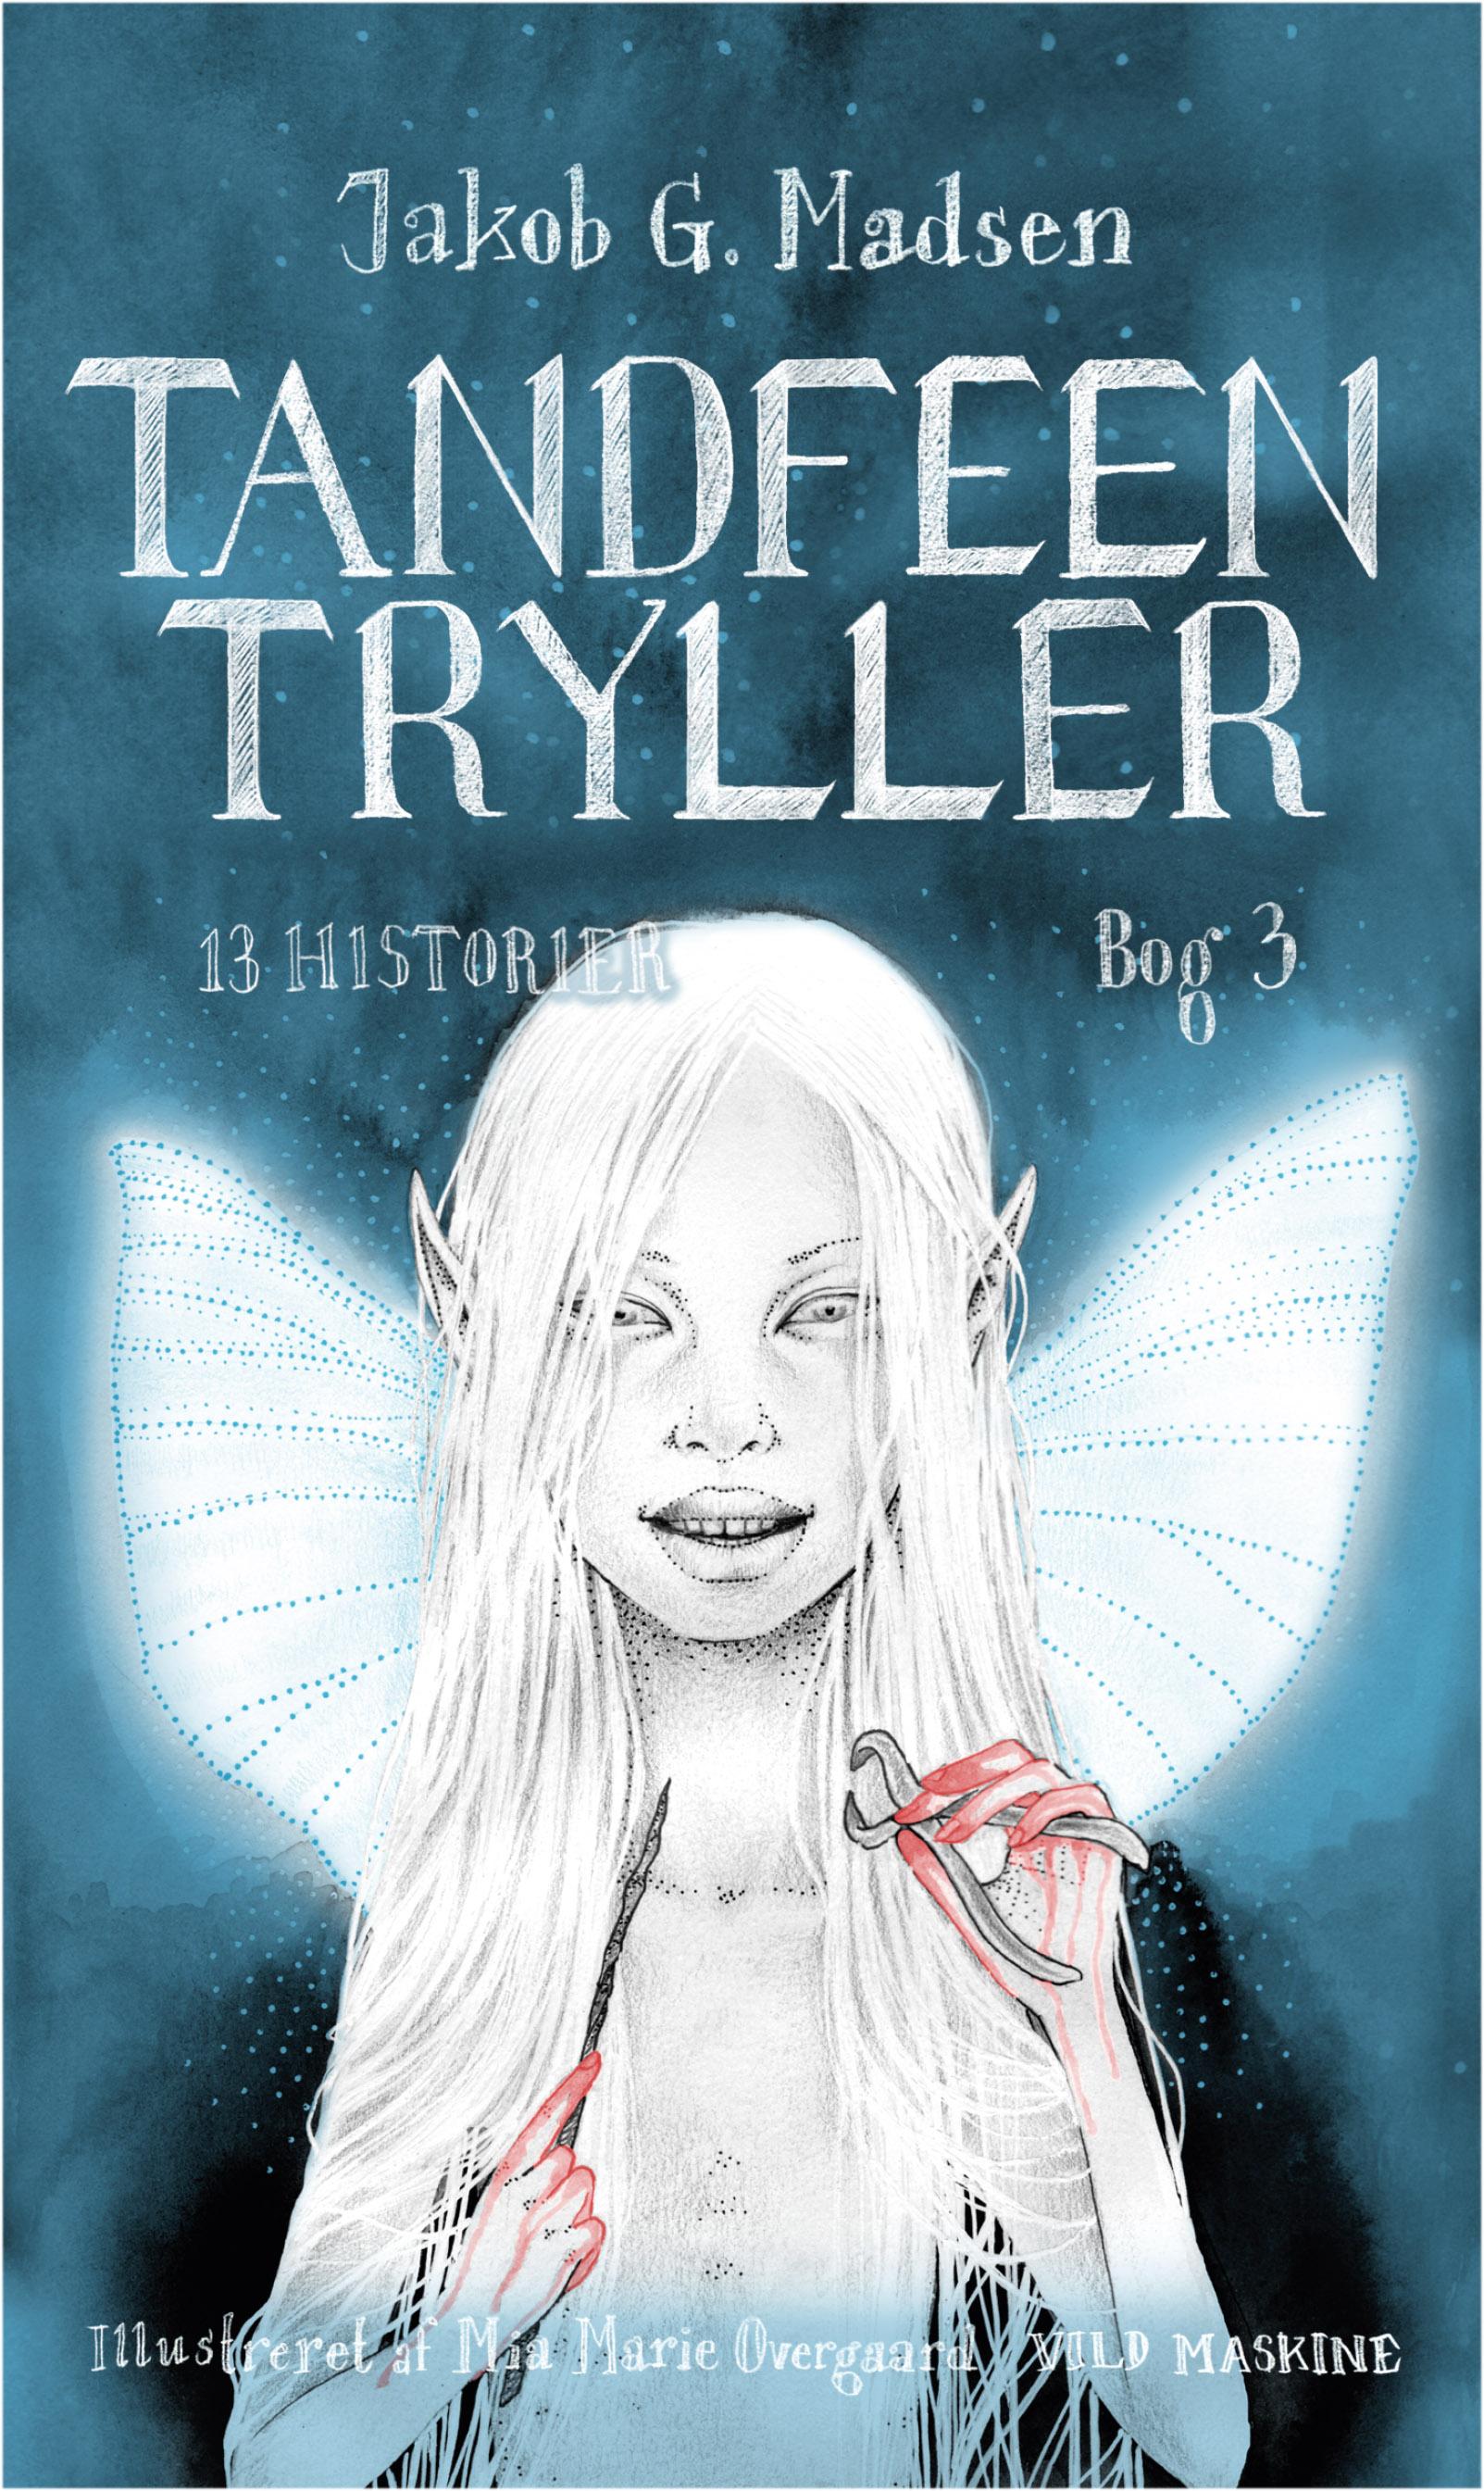 """""""Tandfeen tryller"""" af Jakob G. Madsen og illustreret af Mia Marie Overgaard. Udgivelsesdato: 29. april 2020."""